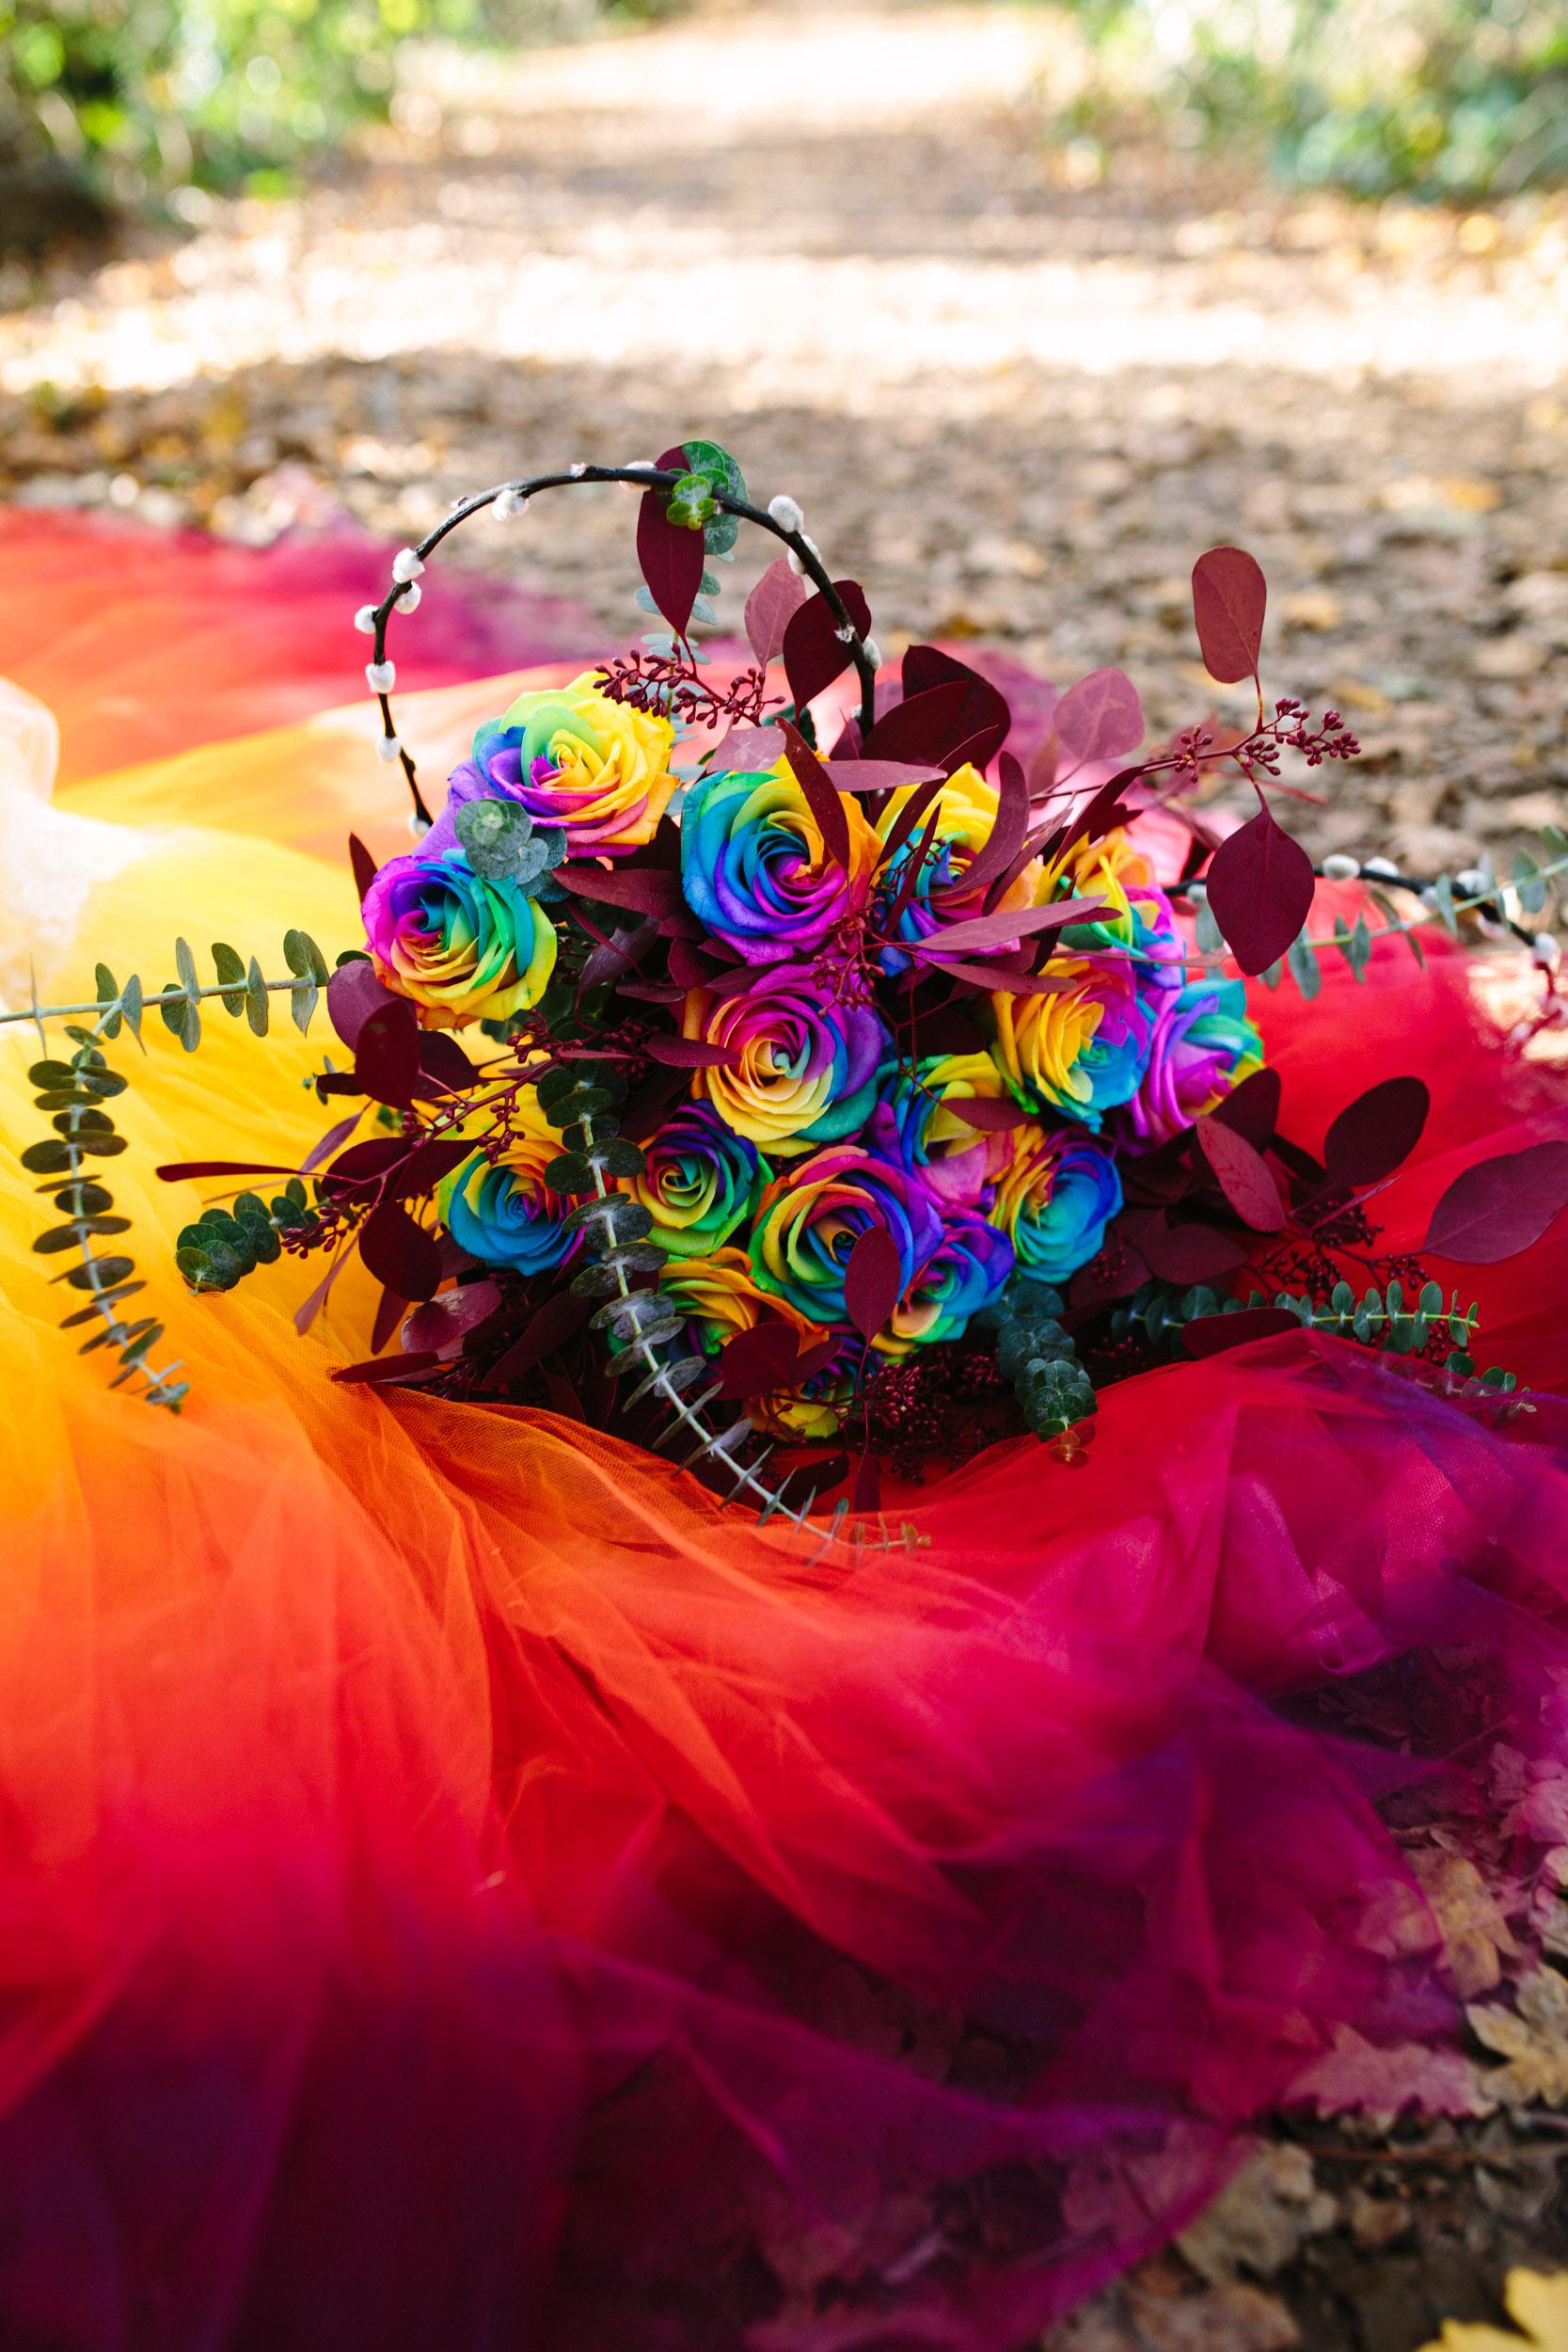 rainbow roses - rainbow wedding bouquet - rainbow wedding flowers - alternative wedding flowers